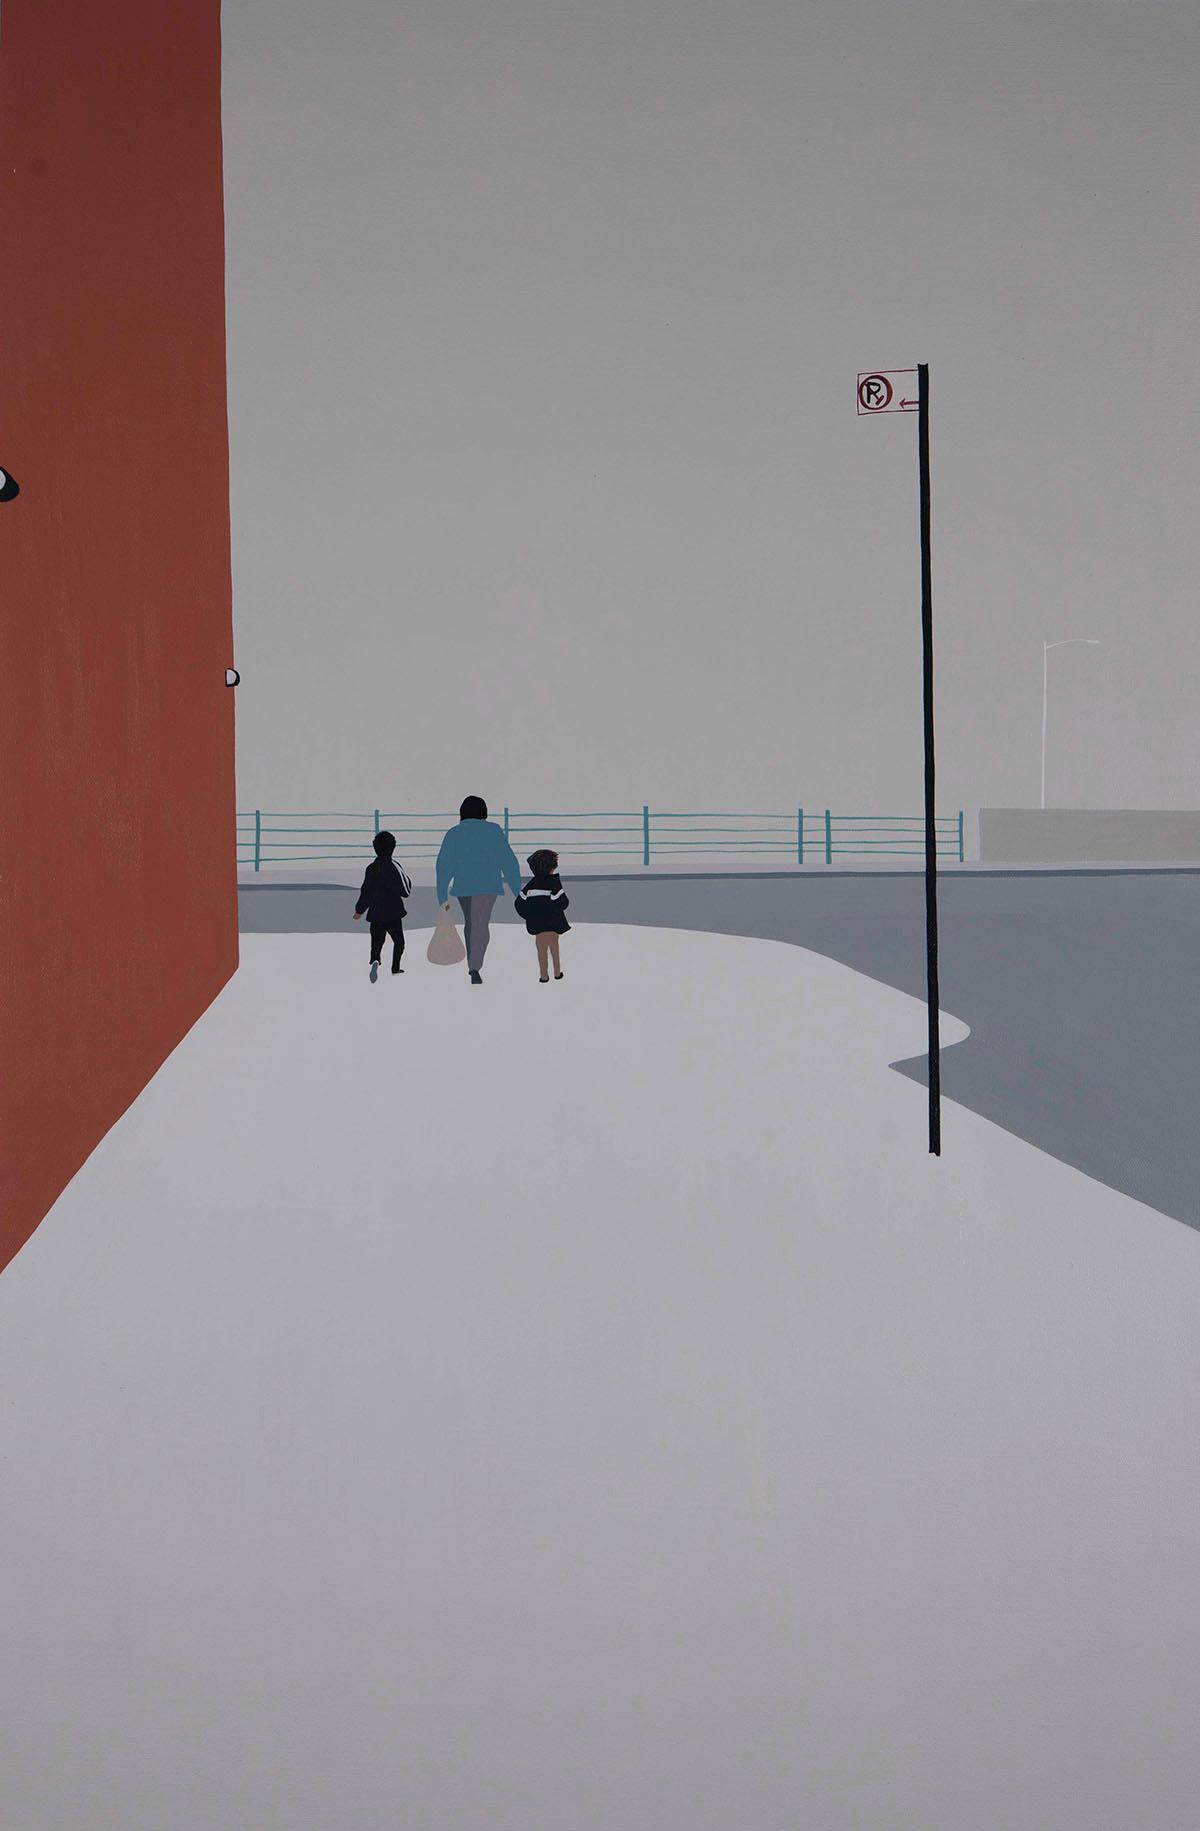 Backs, solitudine e isolamento nei dipinti di Gwen Yip | Collater.al 3